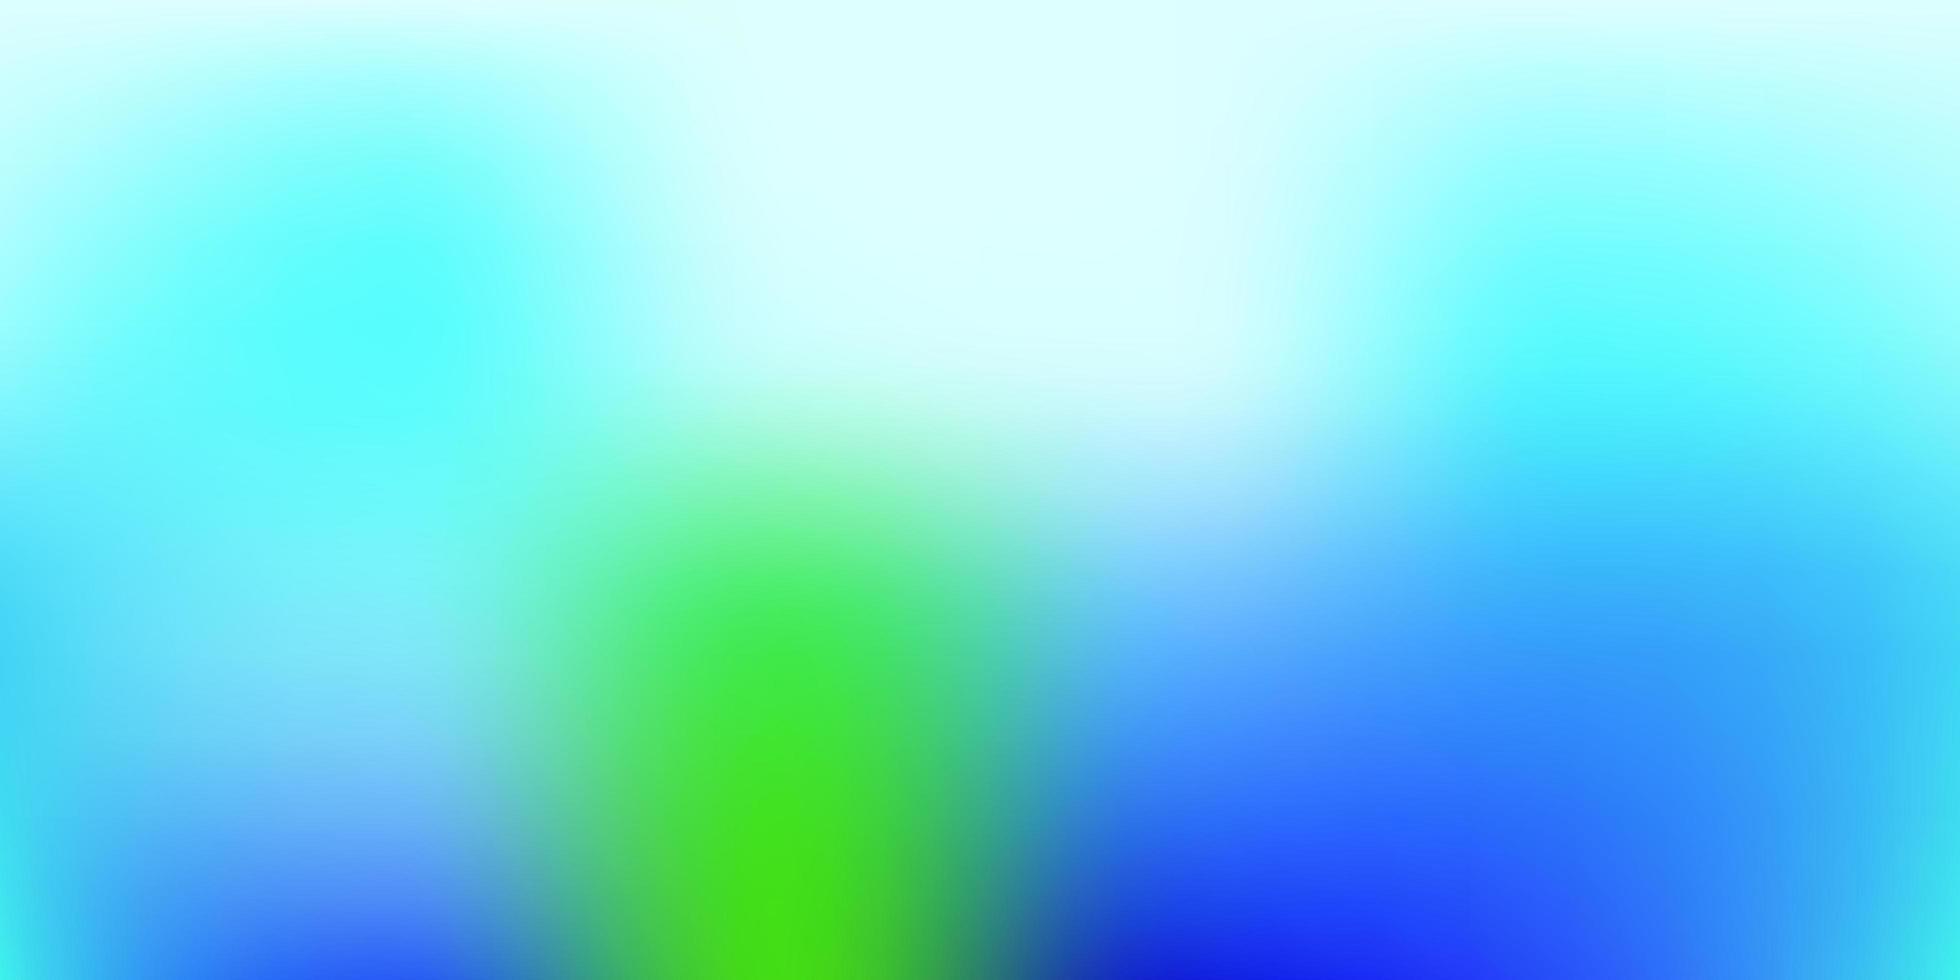 lichtblauw, groen kleurverloop achtergrond wazig. vector